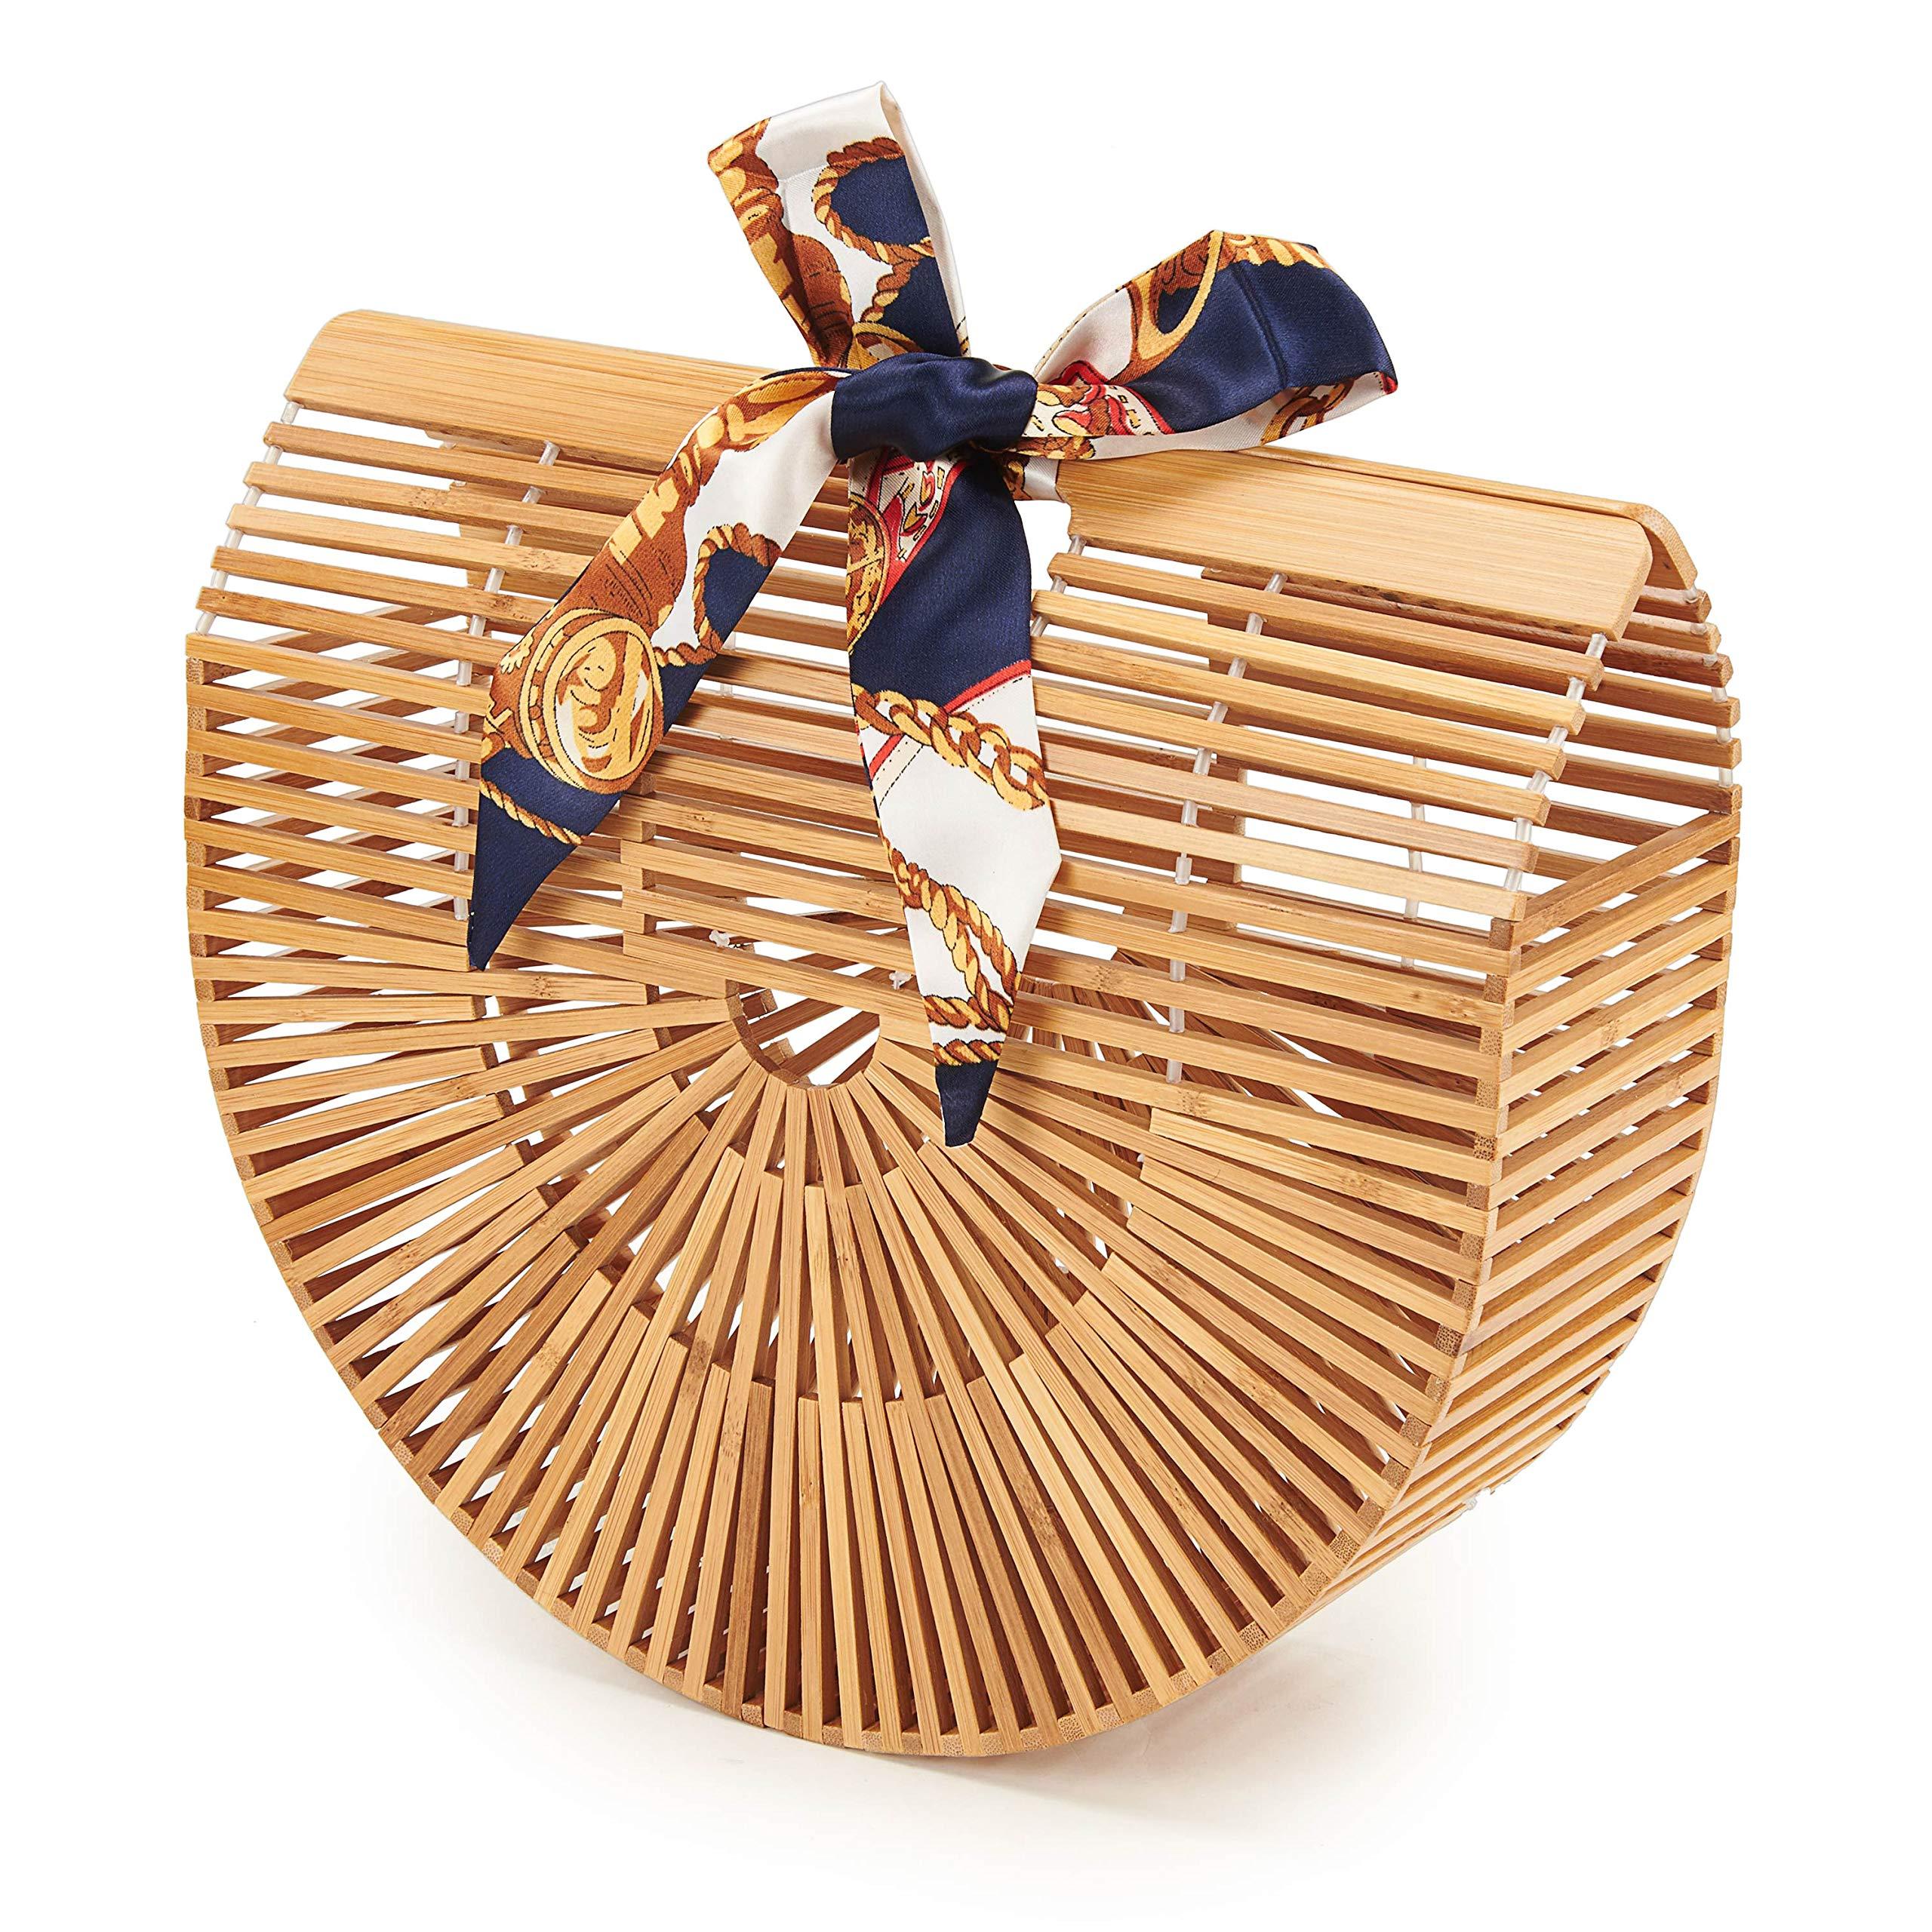 USBAGTECH Women Bamboo Handbag Handmade Art Tote Purse Handle Straw Beach Clutch